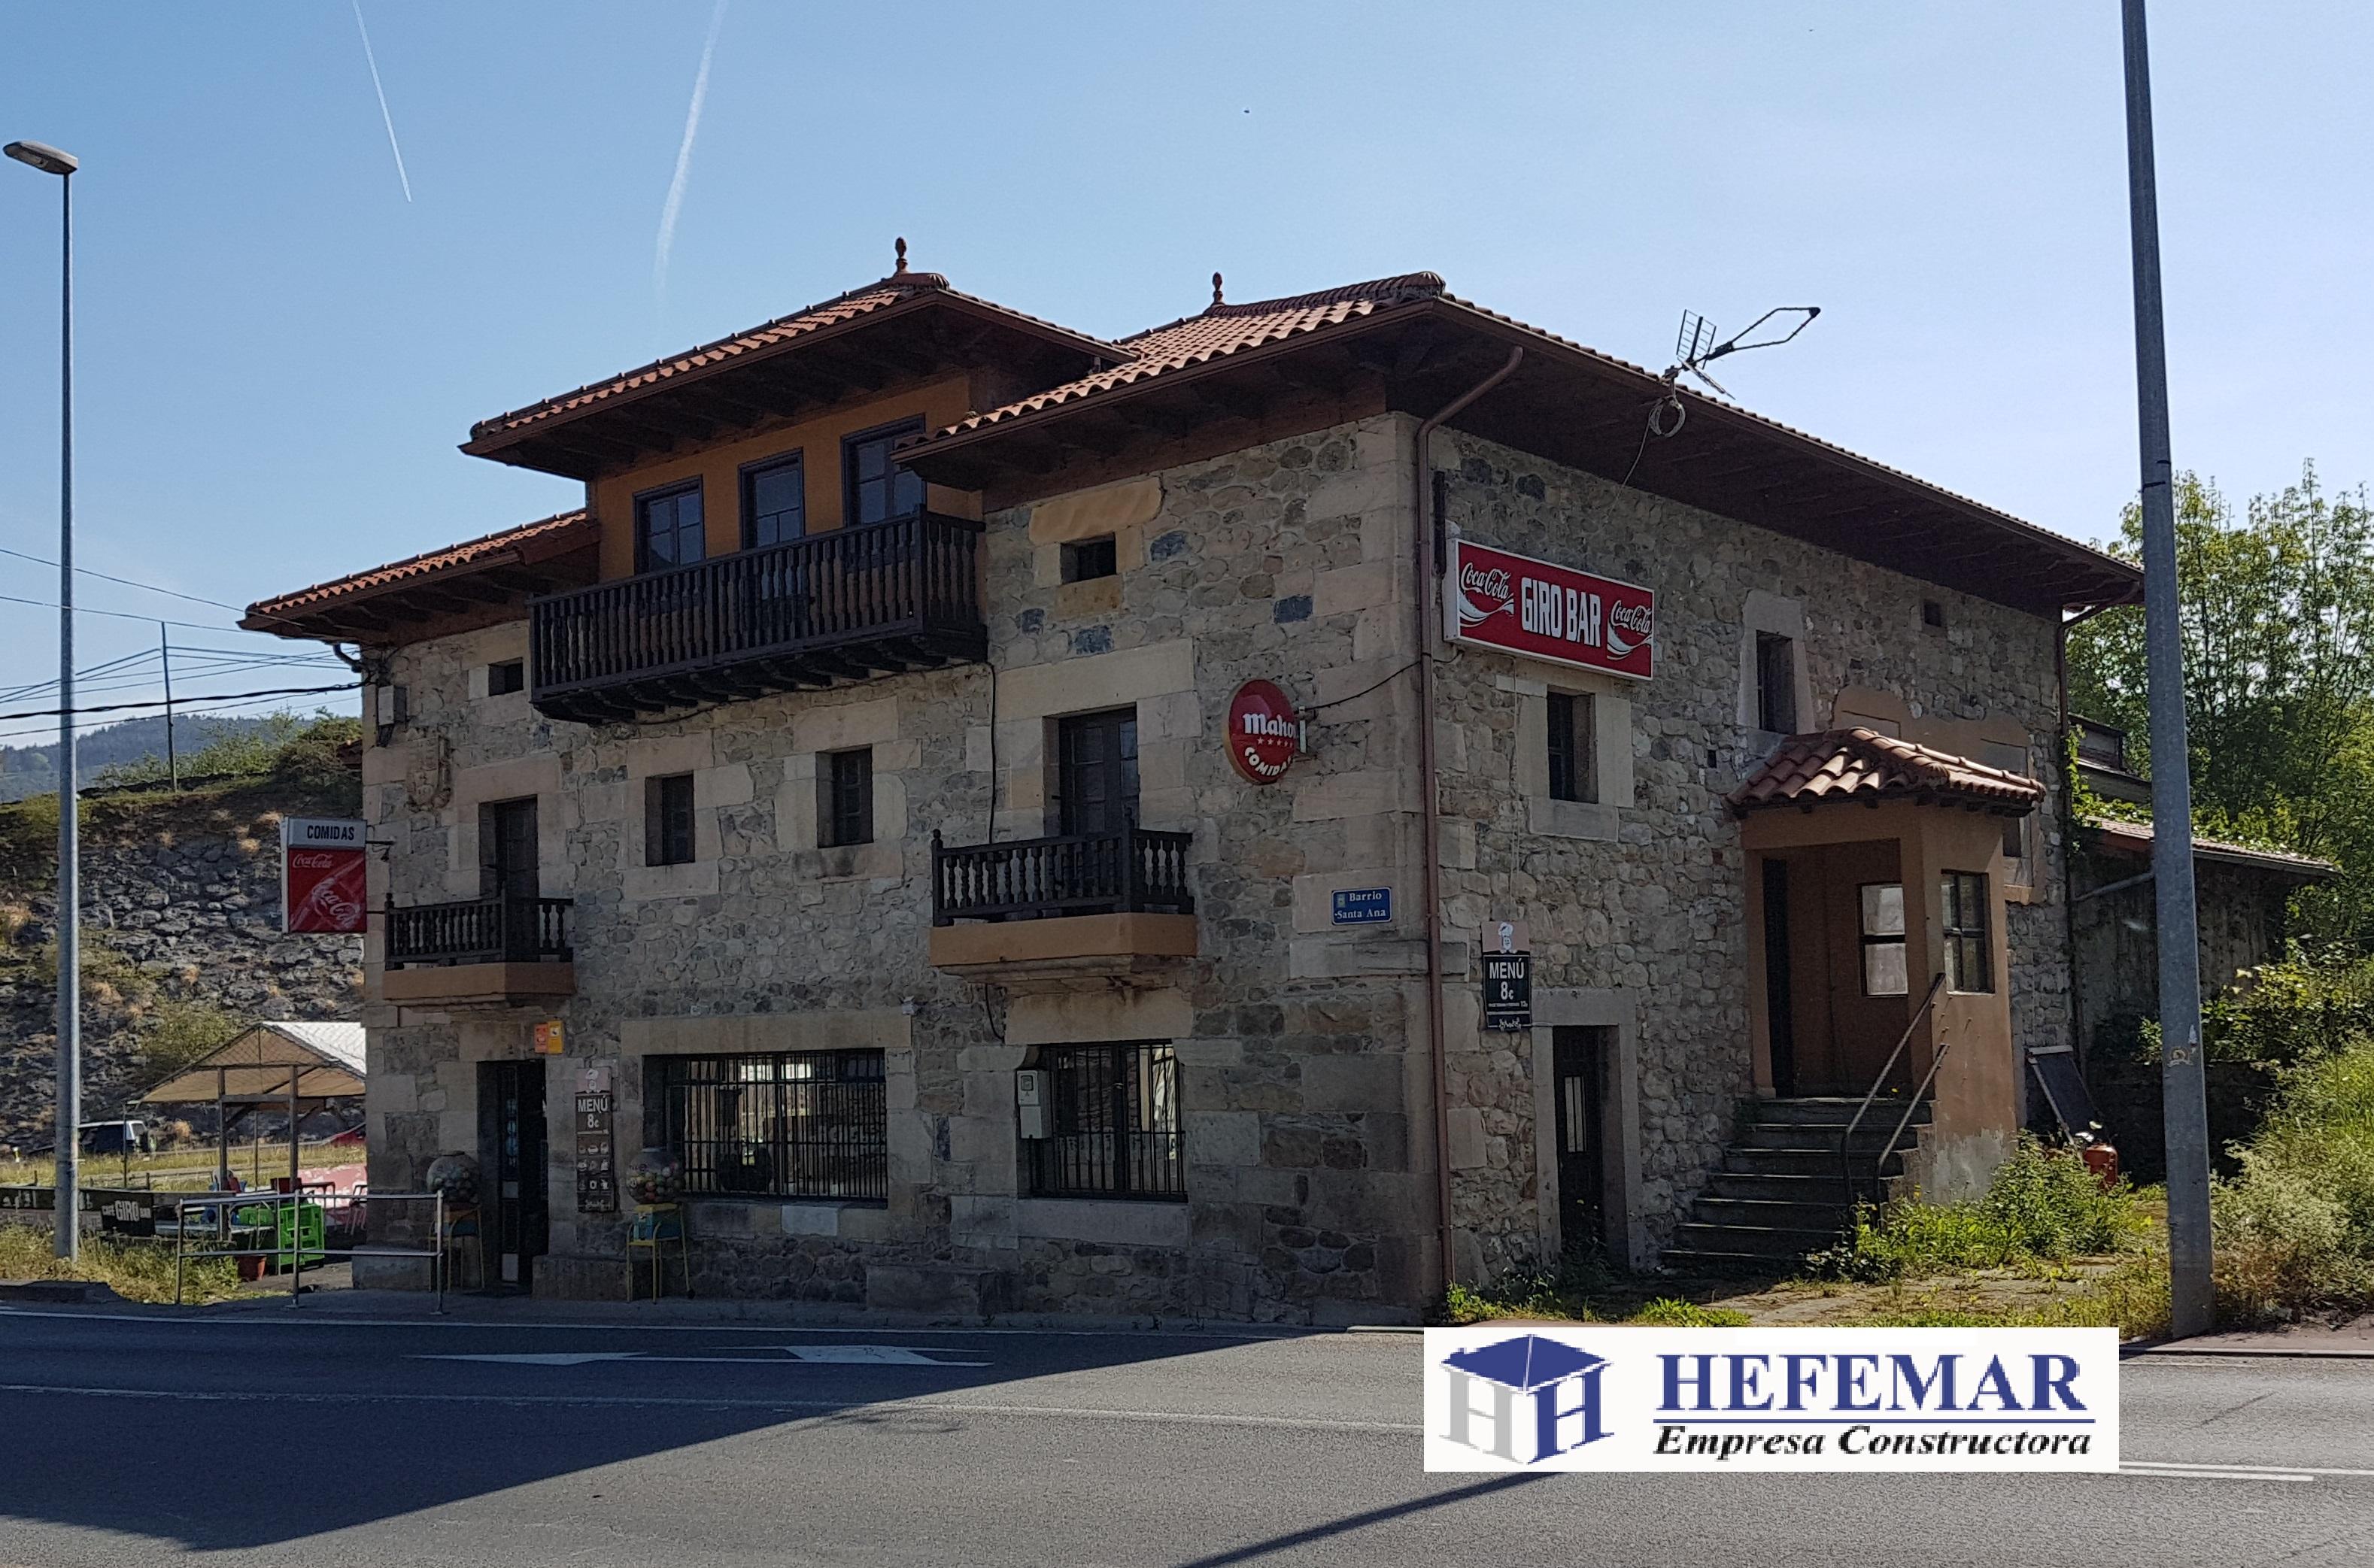 Rehabilitacion casas antiguas en cantabria hefemar - Rehabilitacion de casas ...